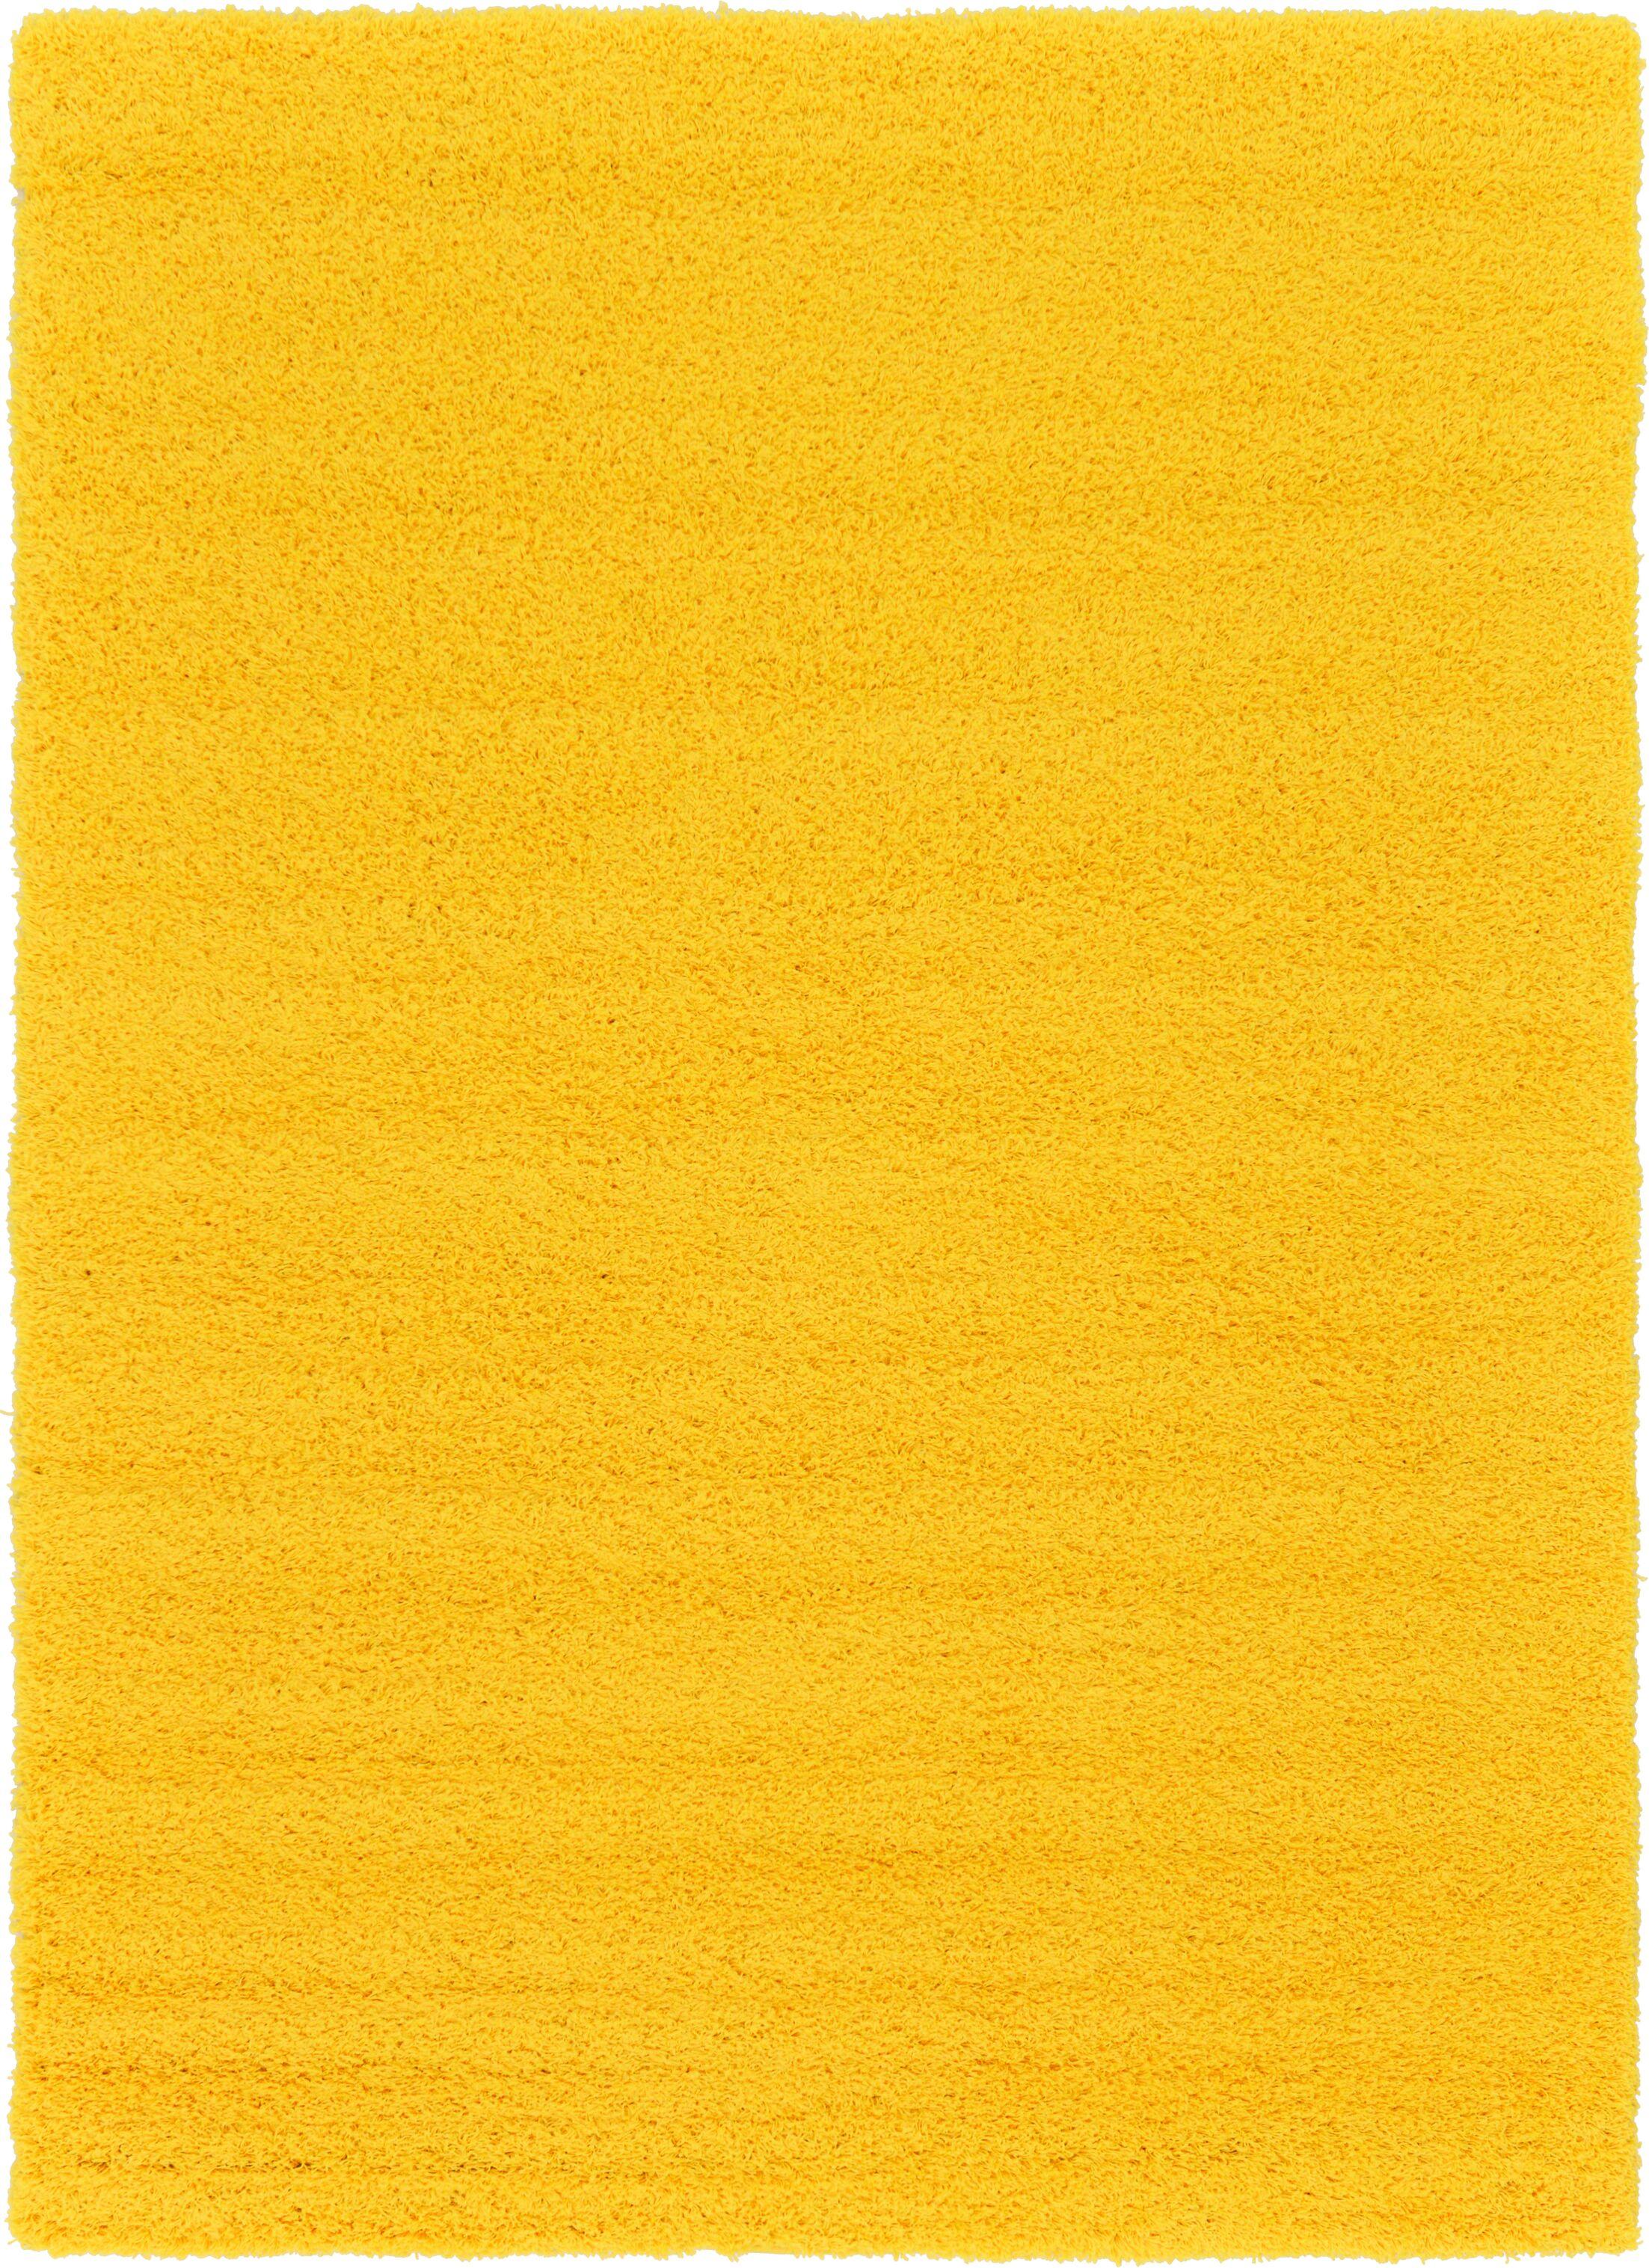 Madison Basic Dark Yellow Area Rug Rug Size: Rectangle 7' x 10'